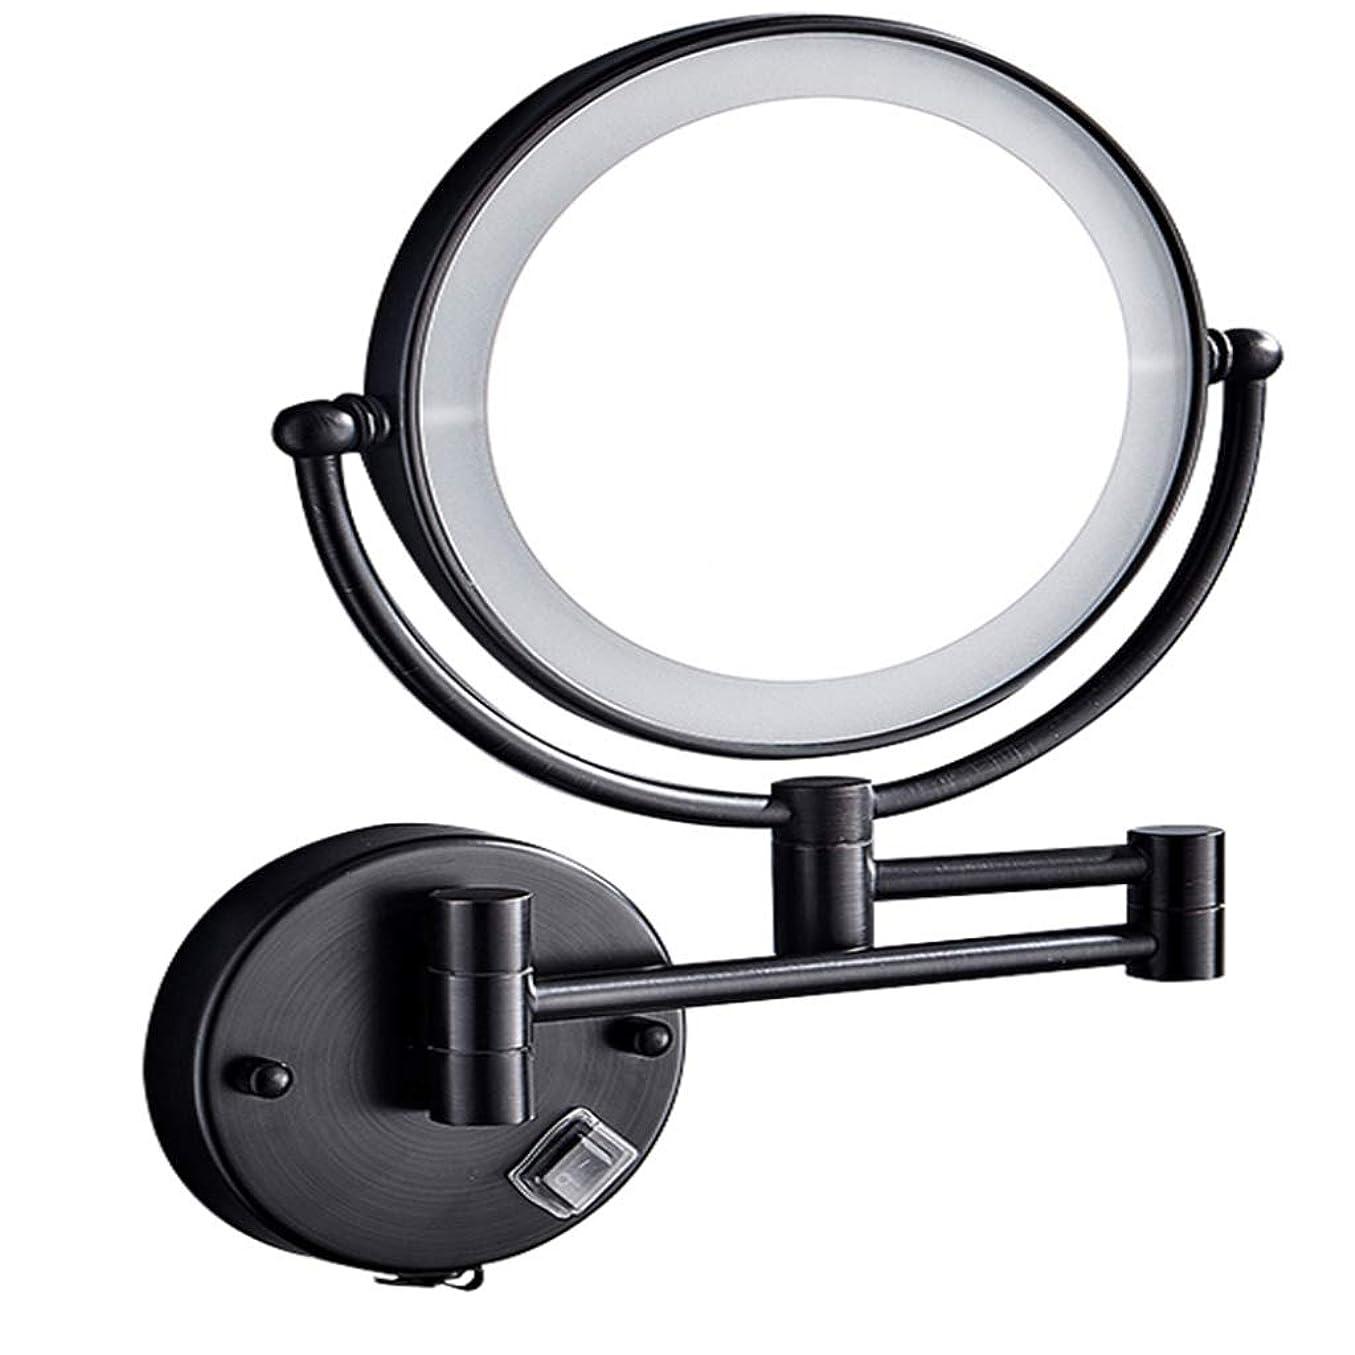 石鹸レプリカ端末HUYYA シェービングミラー バスルームメイクアップミラー LEDライト付き、バニティミラー 壁付 3 倍拡大鏡 化粧鏡 両面 寝室や浴室に適しています有線接続,Black_8inch